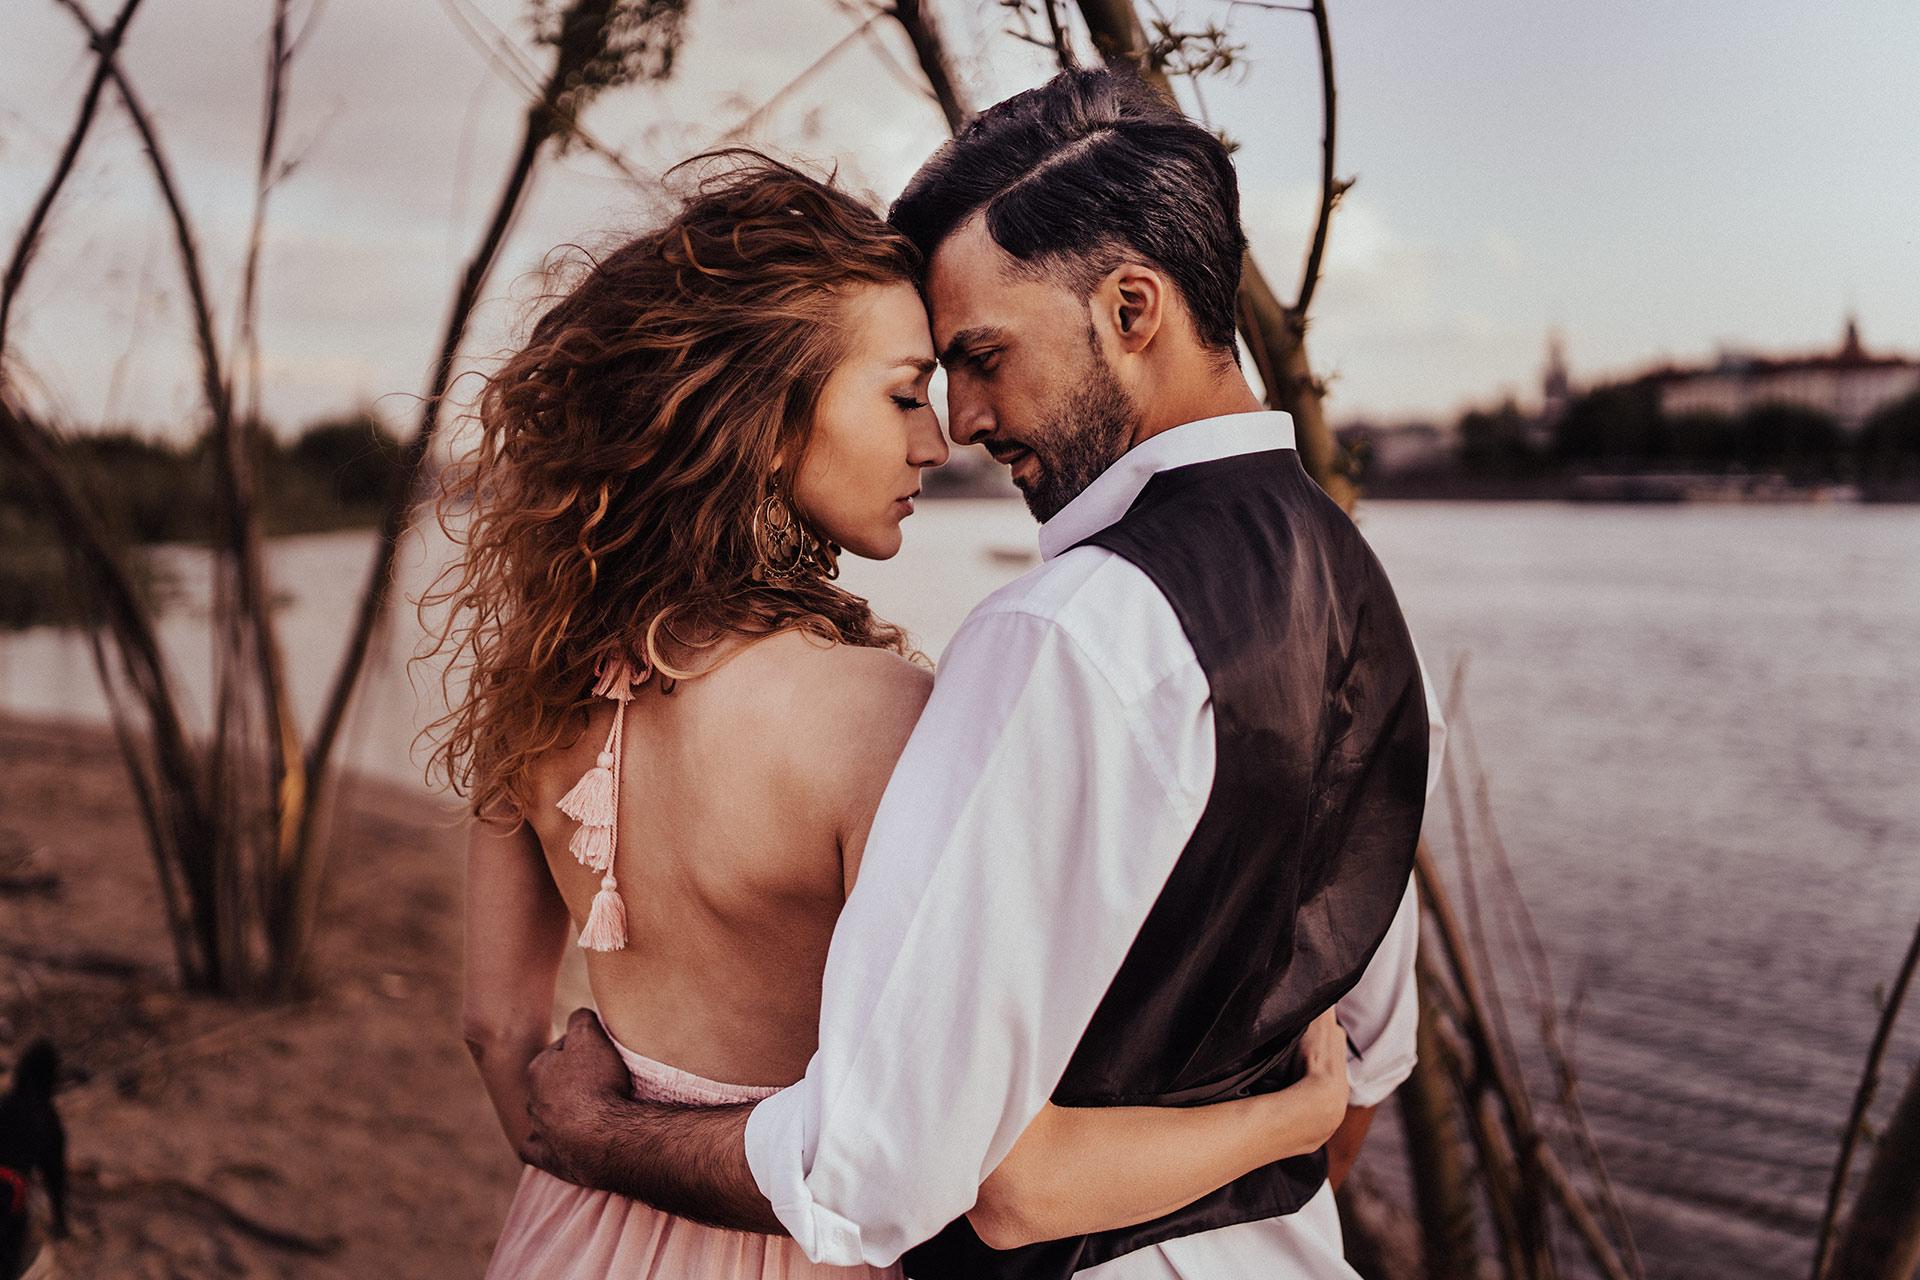 sesja fotograficzna boho fotografia ślubna warszawa zakochani portret miłość para